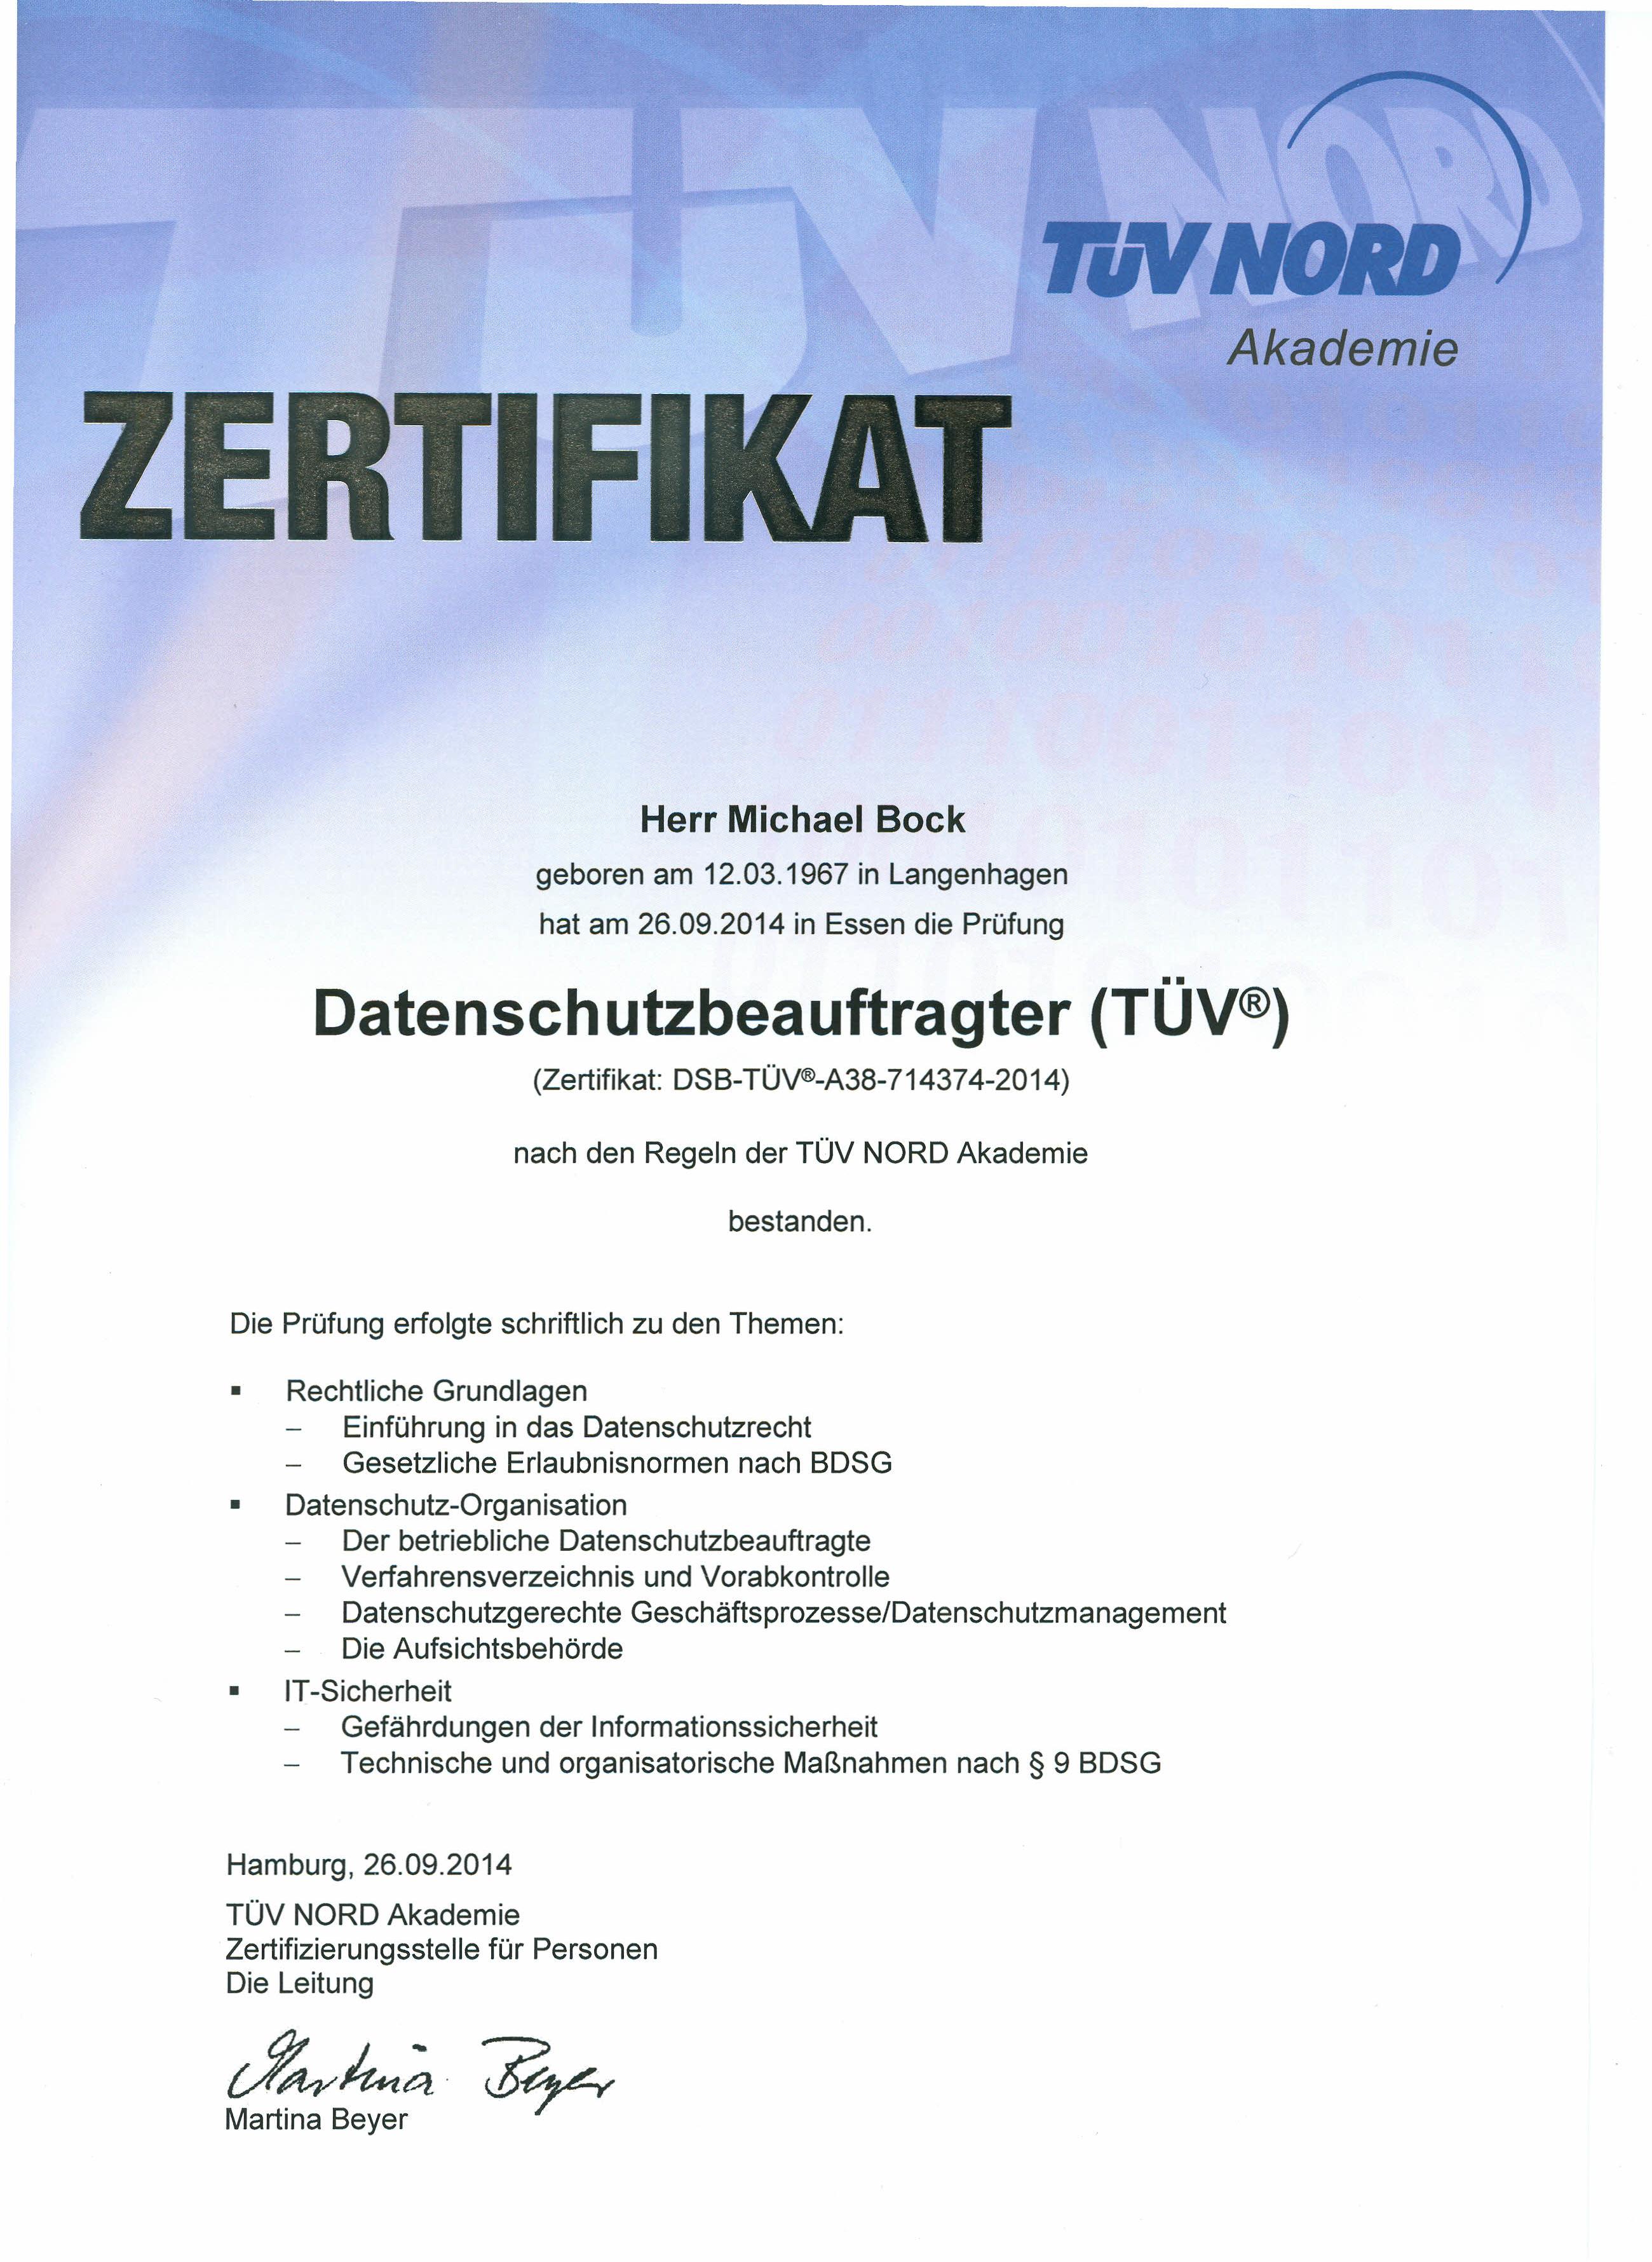 Externer Datenschutzbeauftragter Und Datenschutzberatung Daseco Consulting Düsseldorf